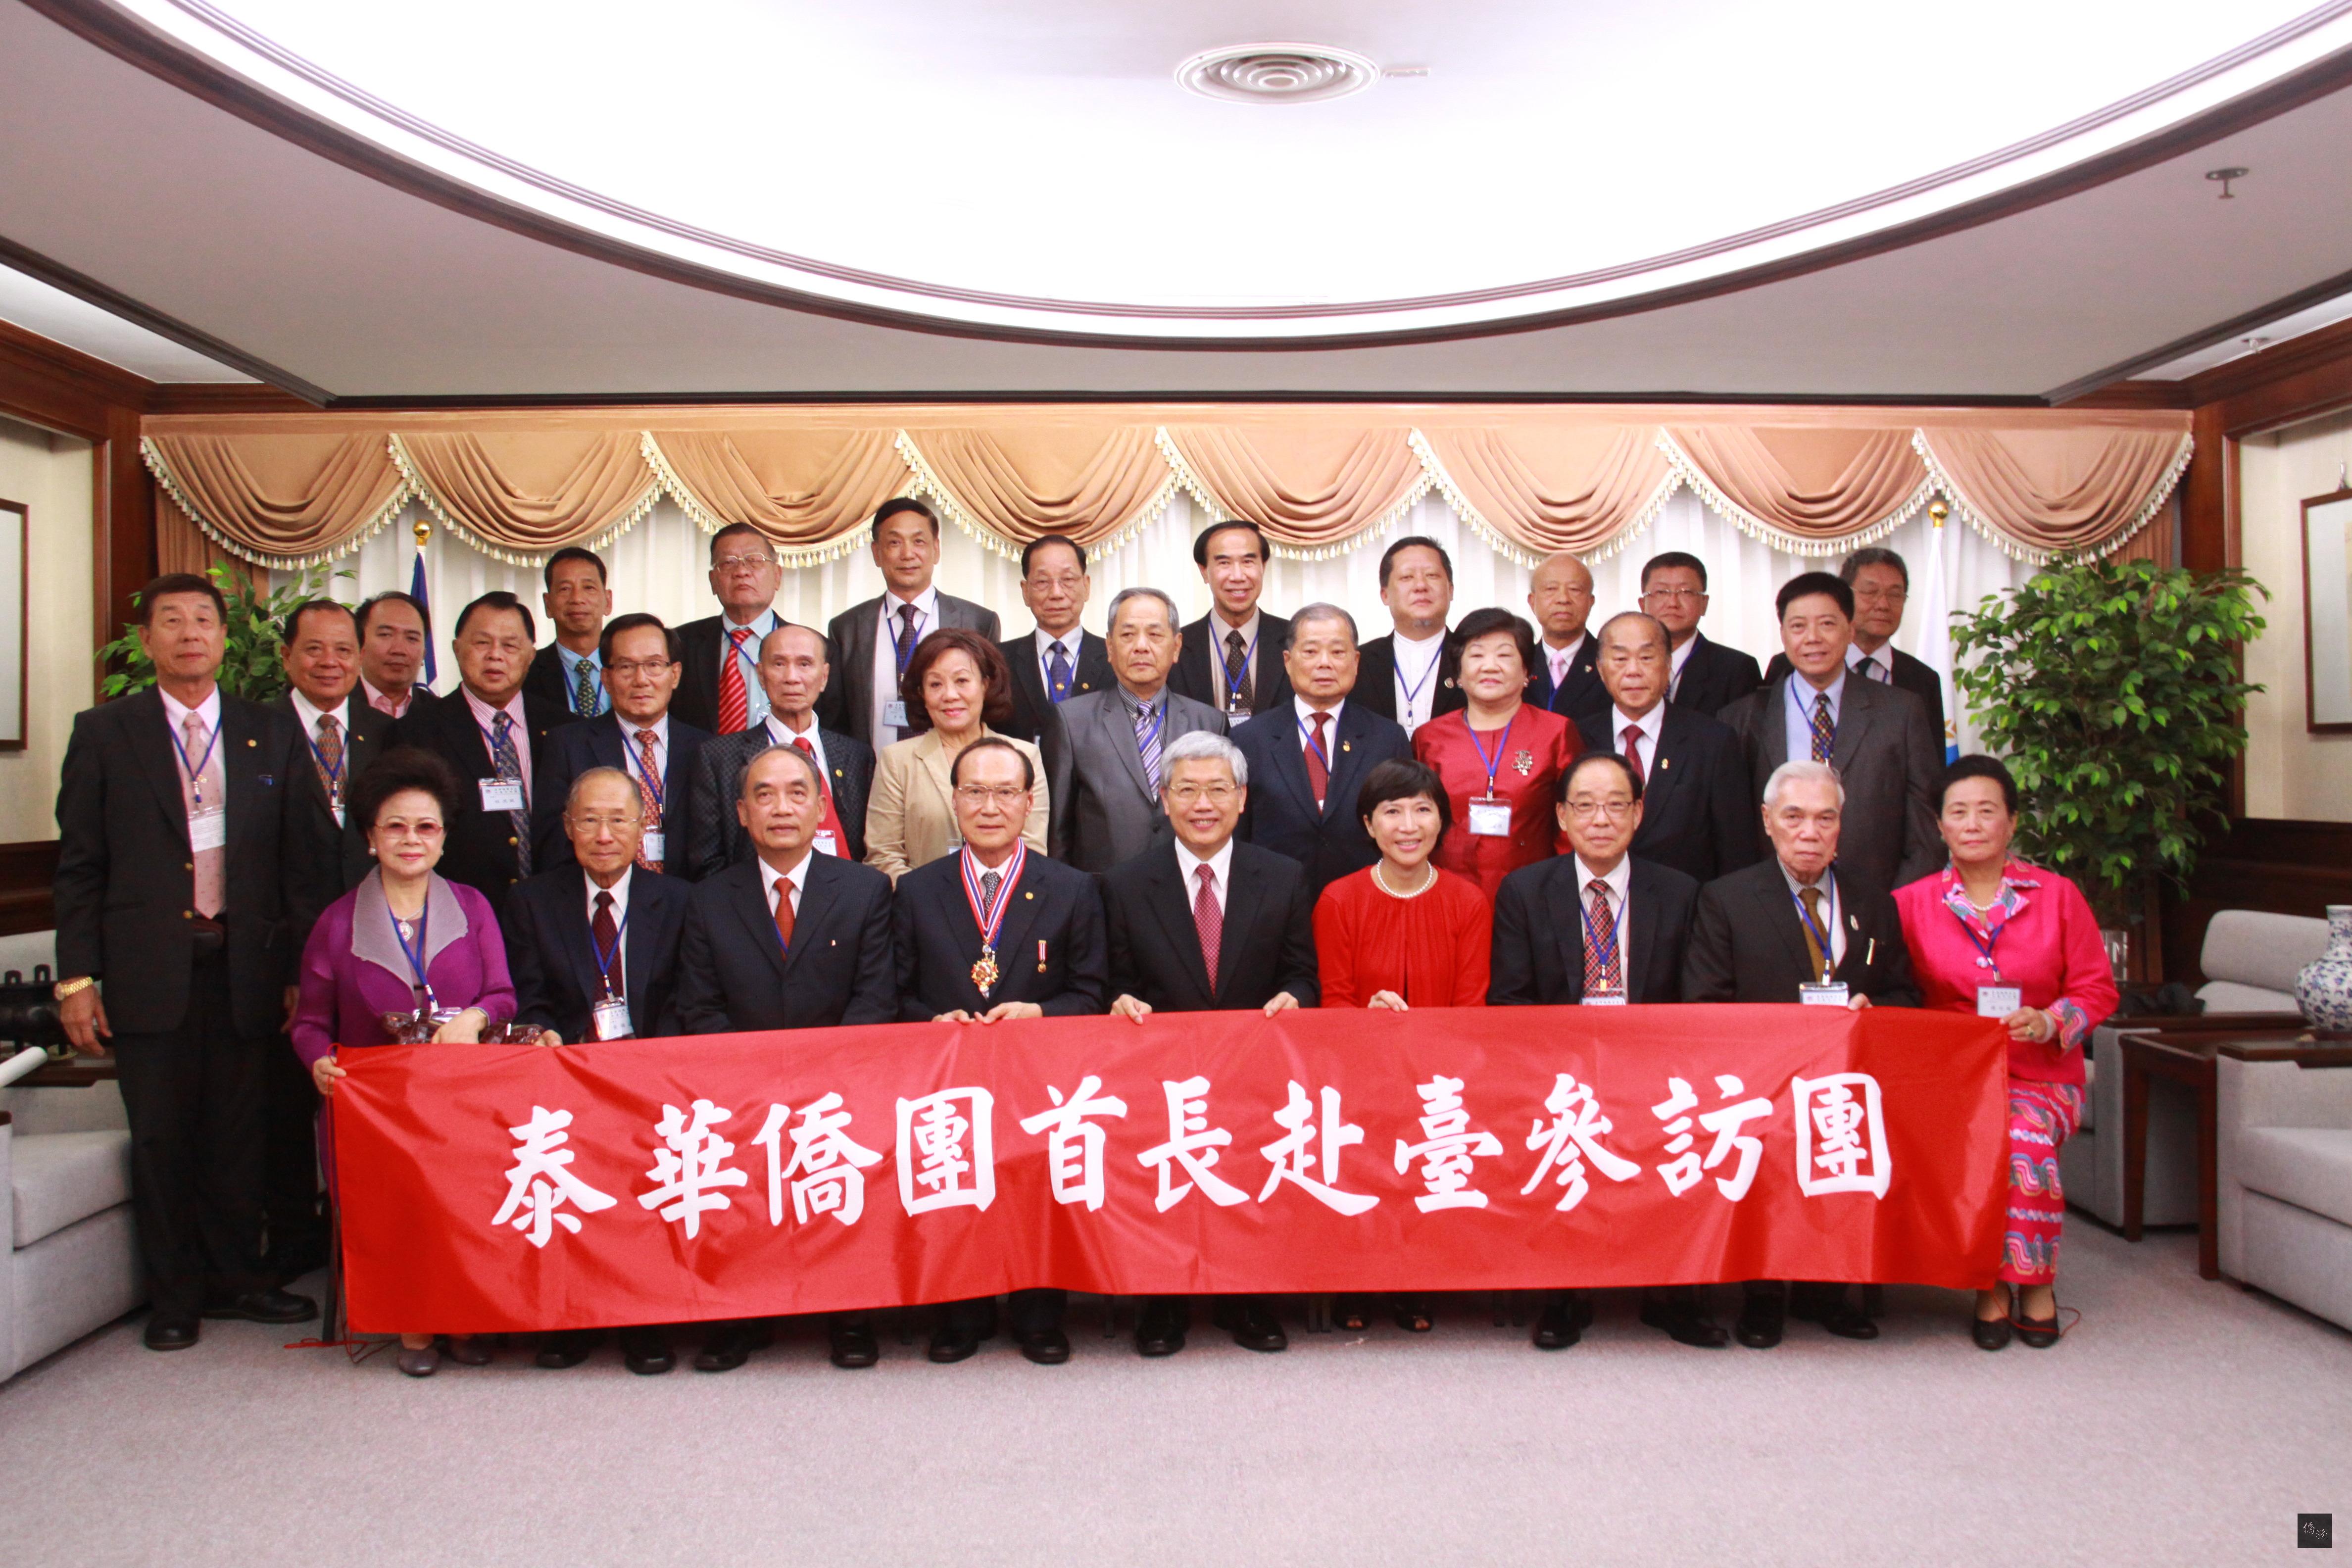 僑委會委員長陳士魁(第一排中)、副委員長陳玉梅(第一排右四)與前來拜會的泰華僑團首長赴台參訪團合影。